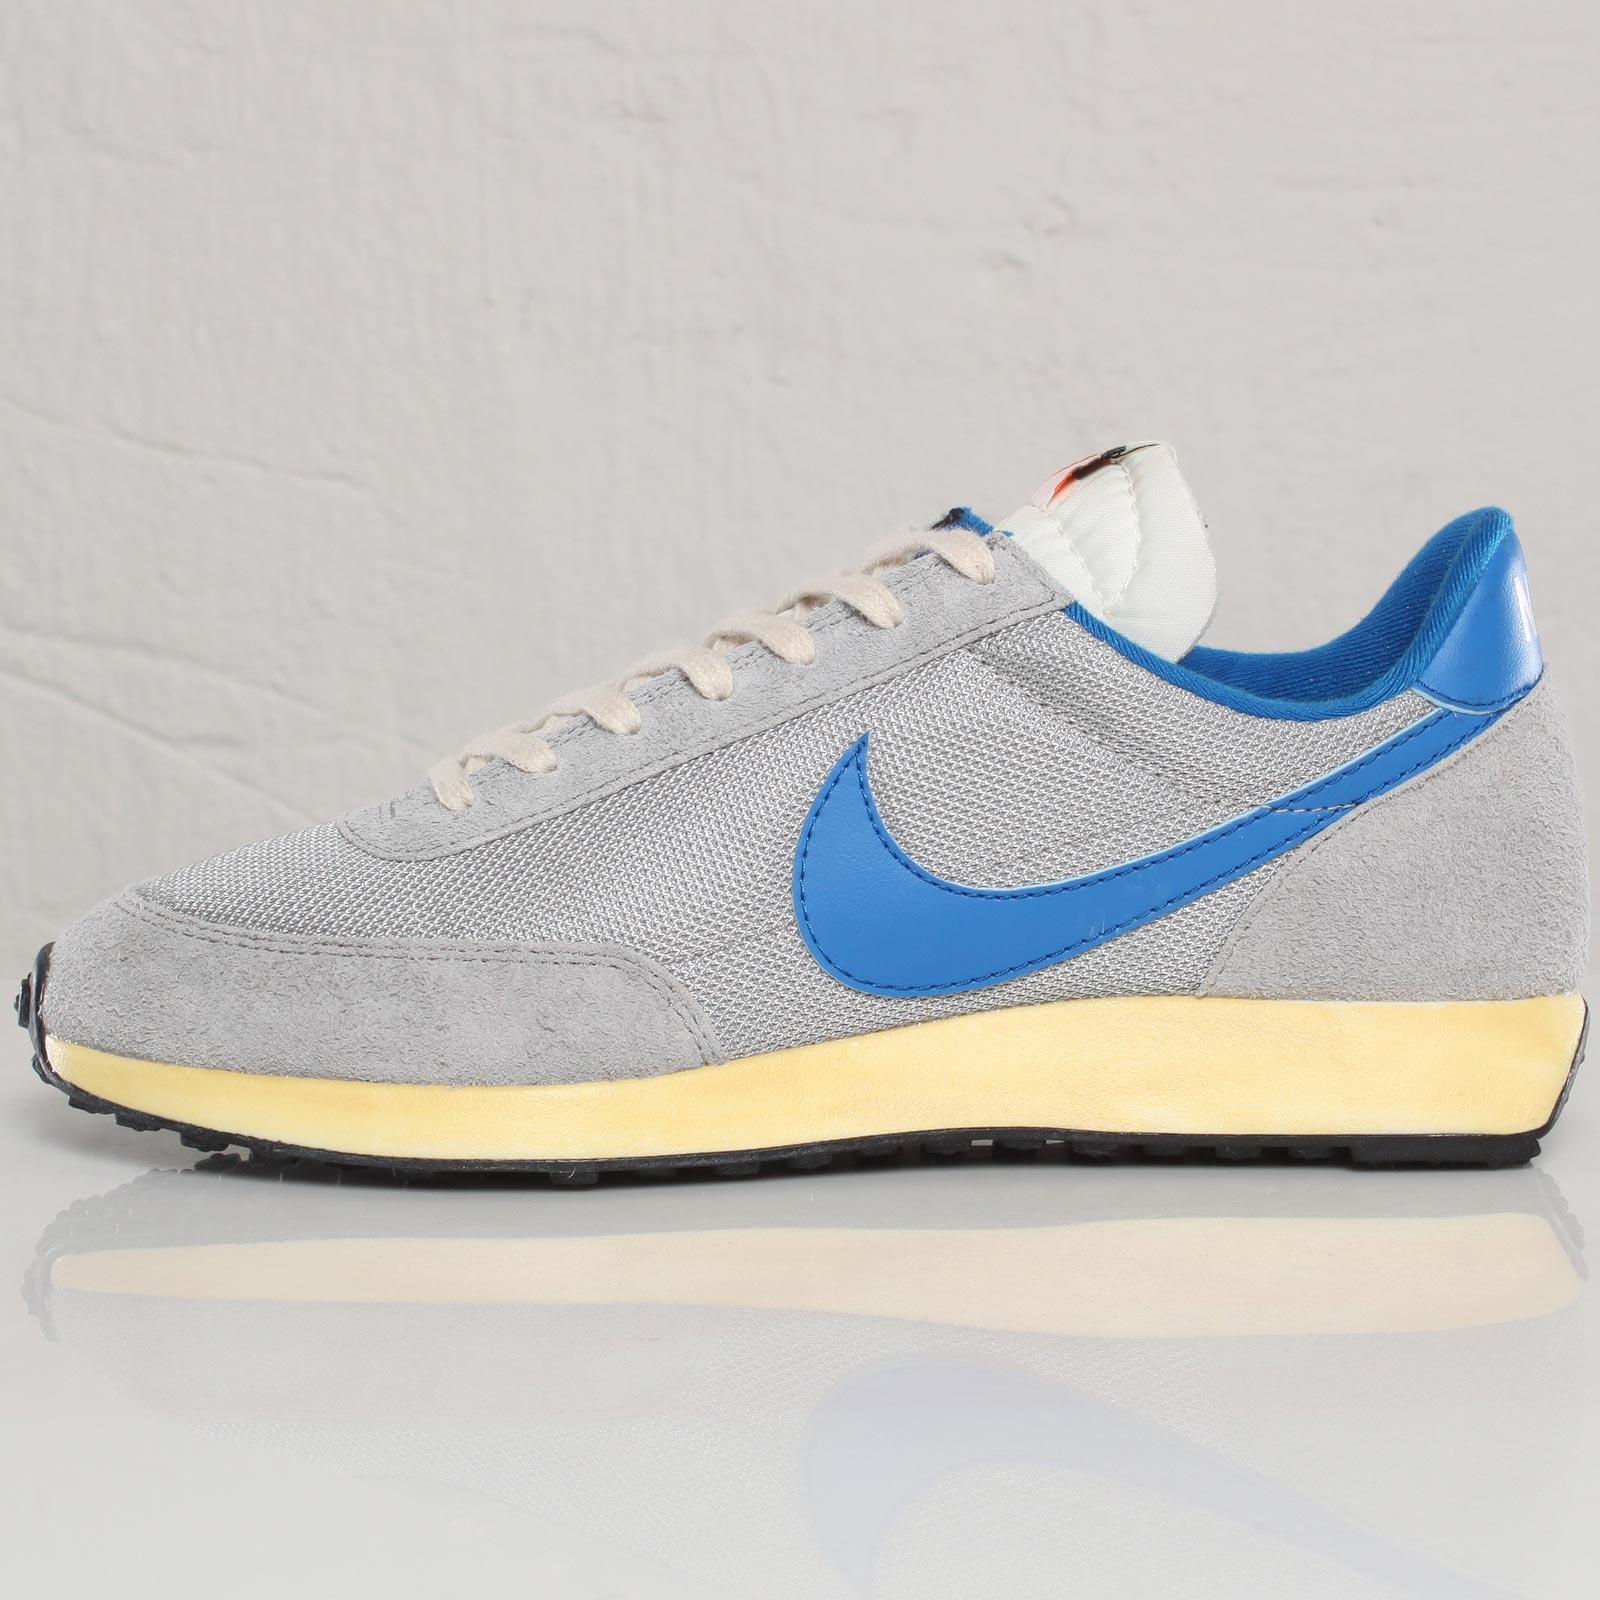 c11be09f19906b Nike Air Tailwind Vintage QS - 109083 - Sneakersnstuff